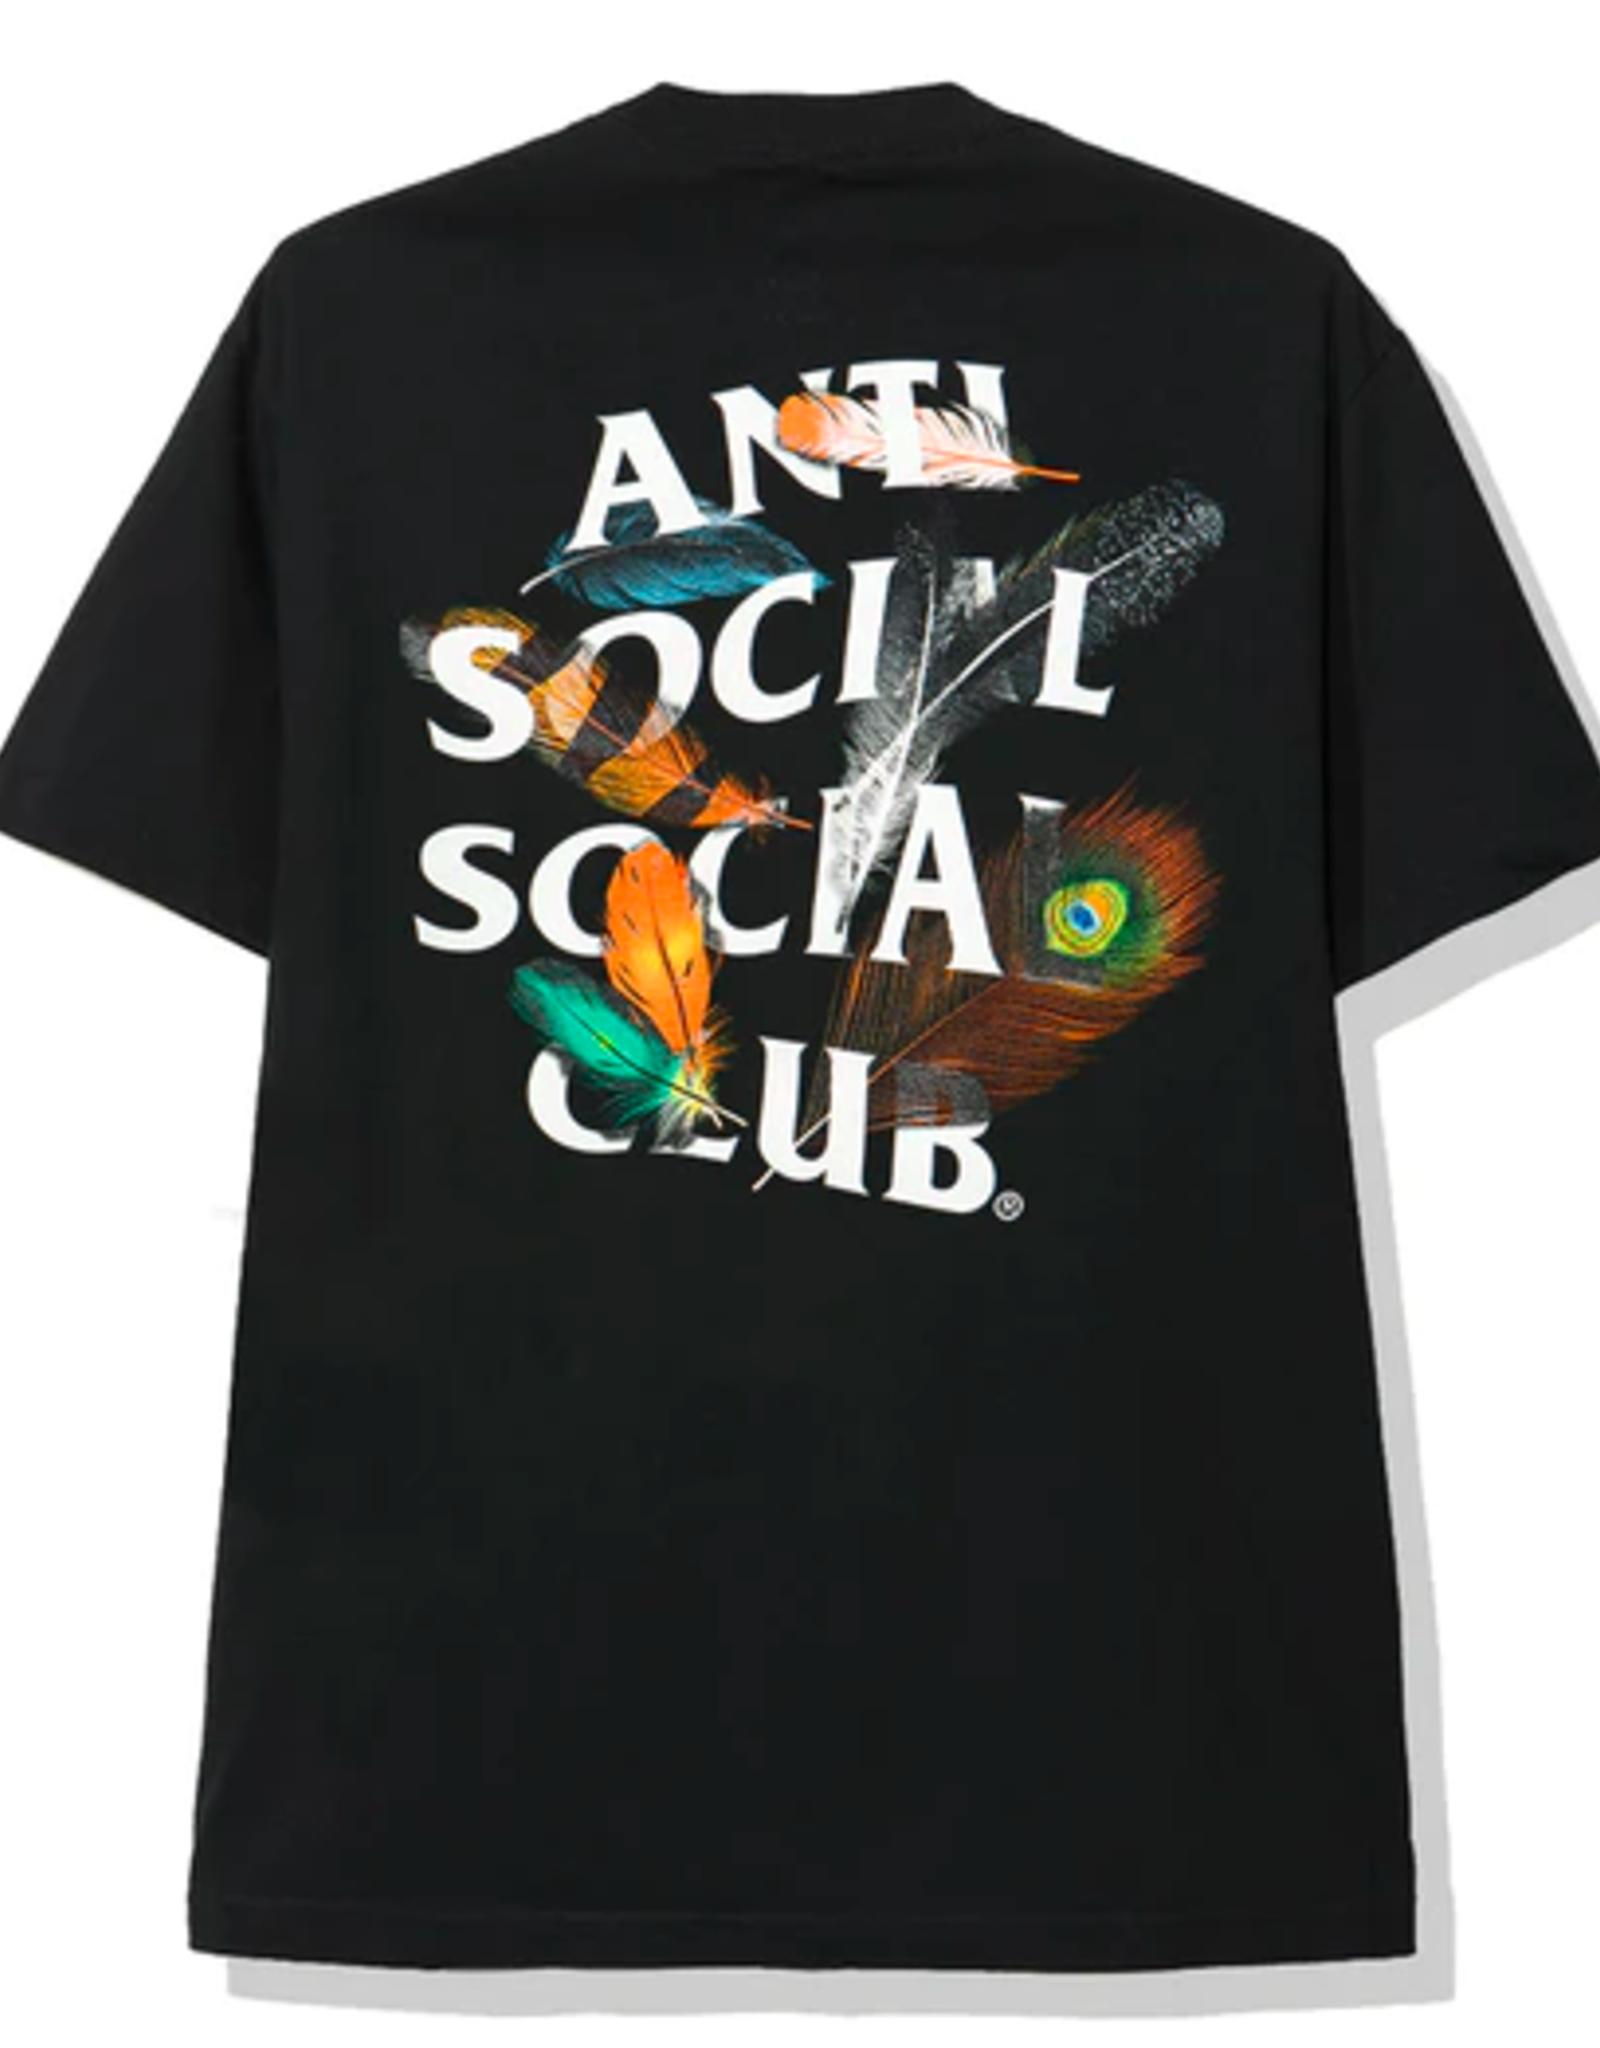 ASSC Anti Social Social Club Birdbath Tee Black